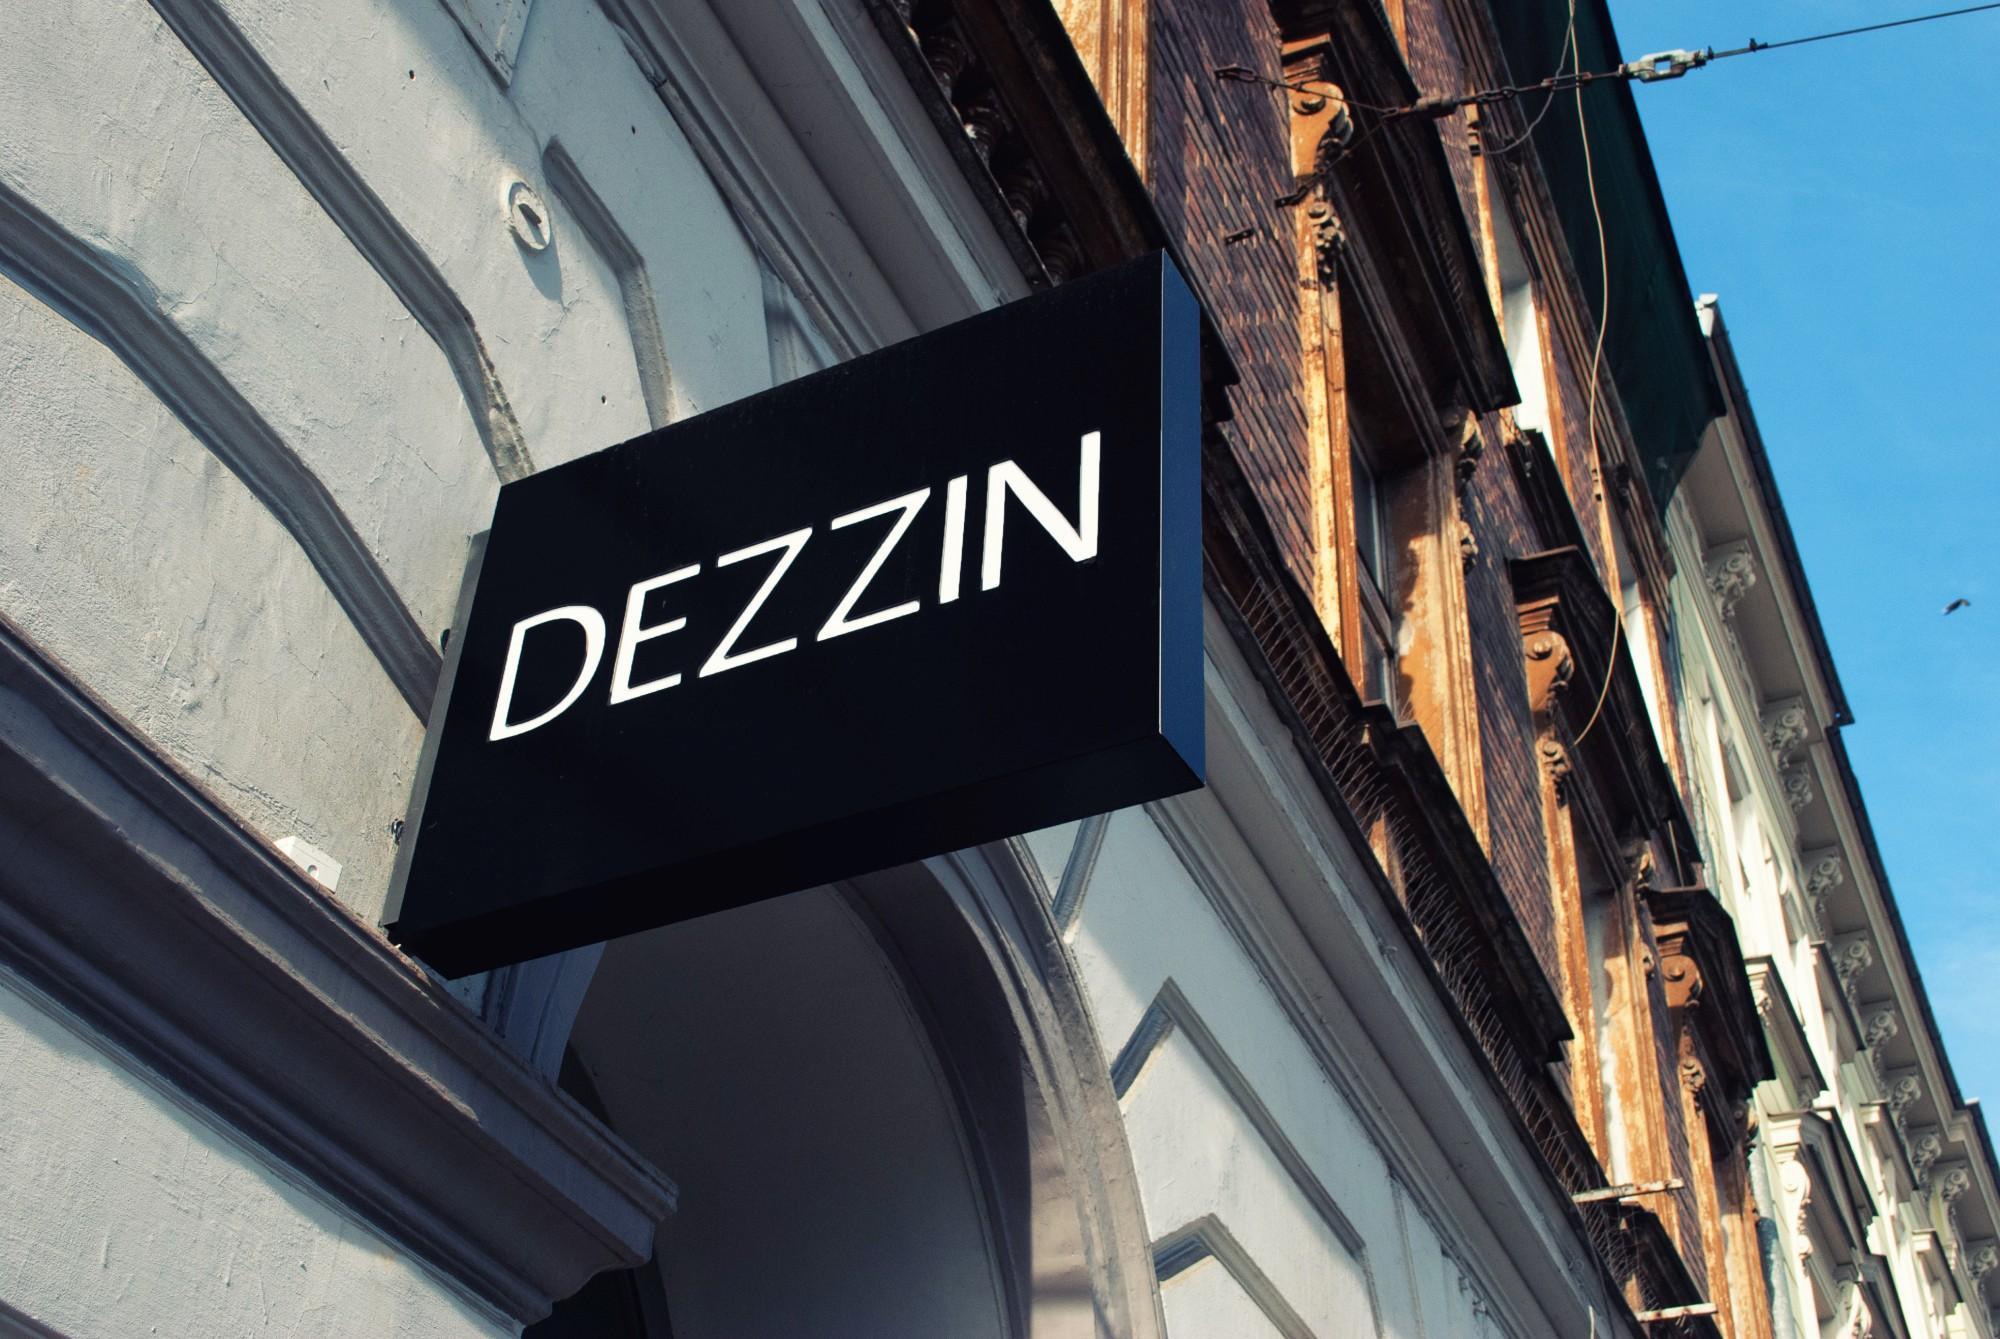 Dezzin_0